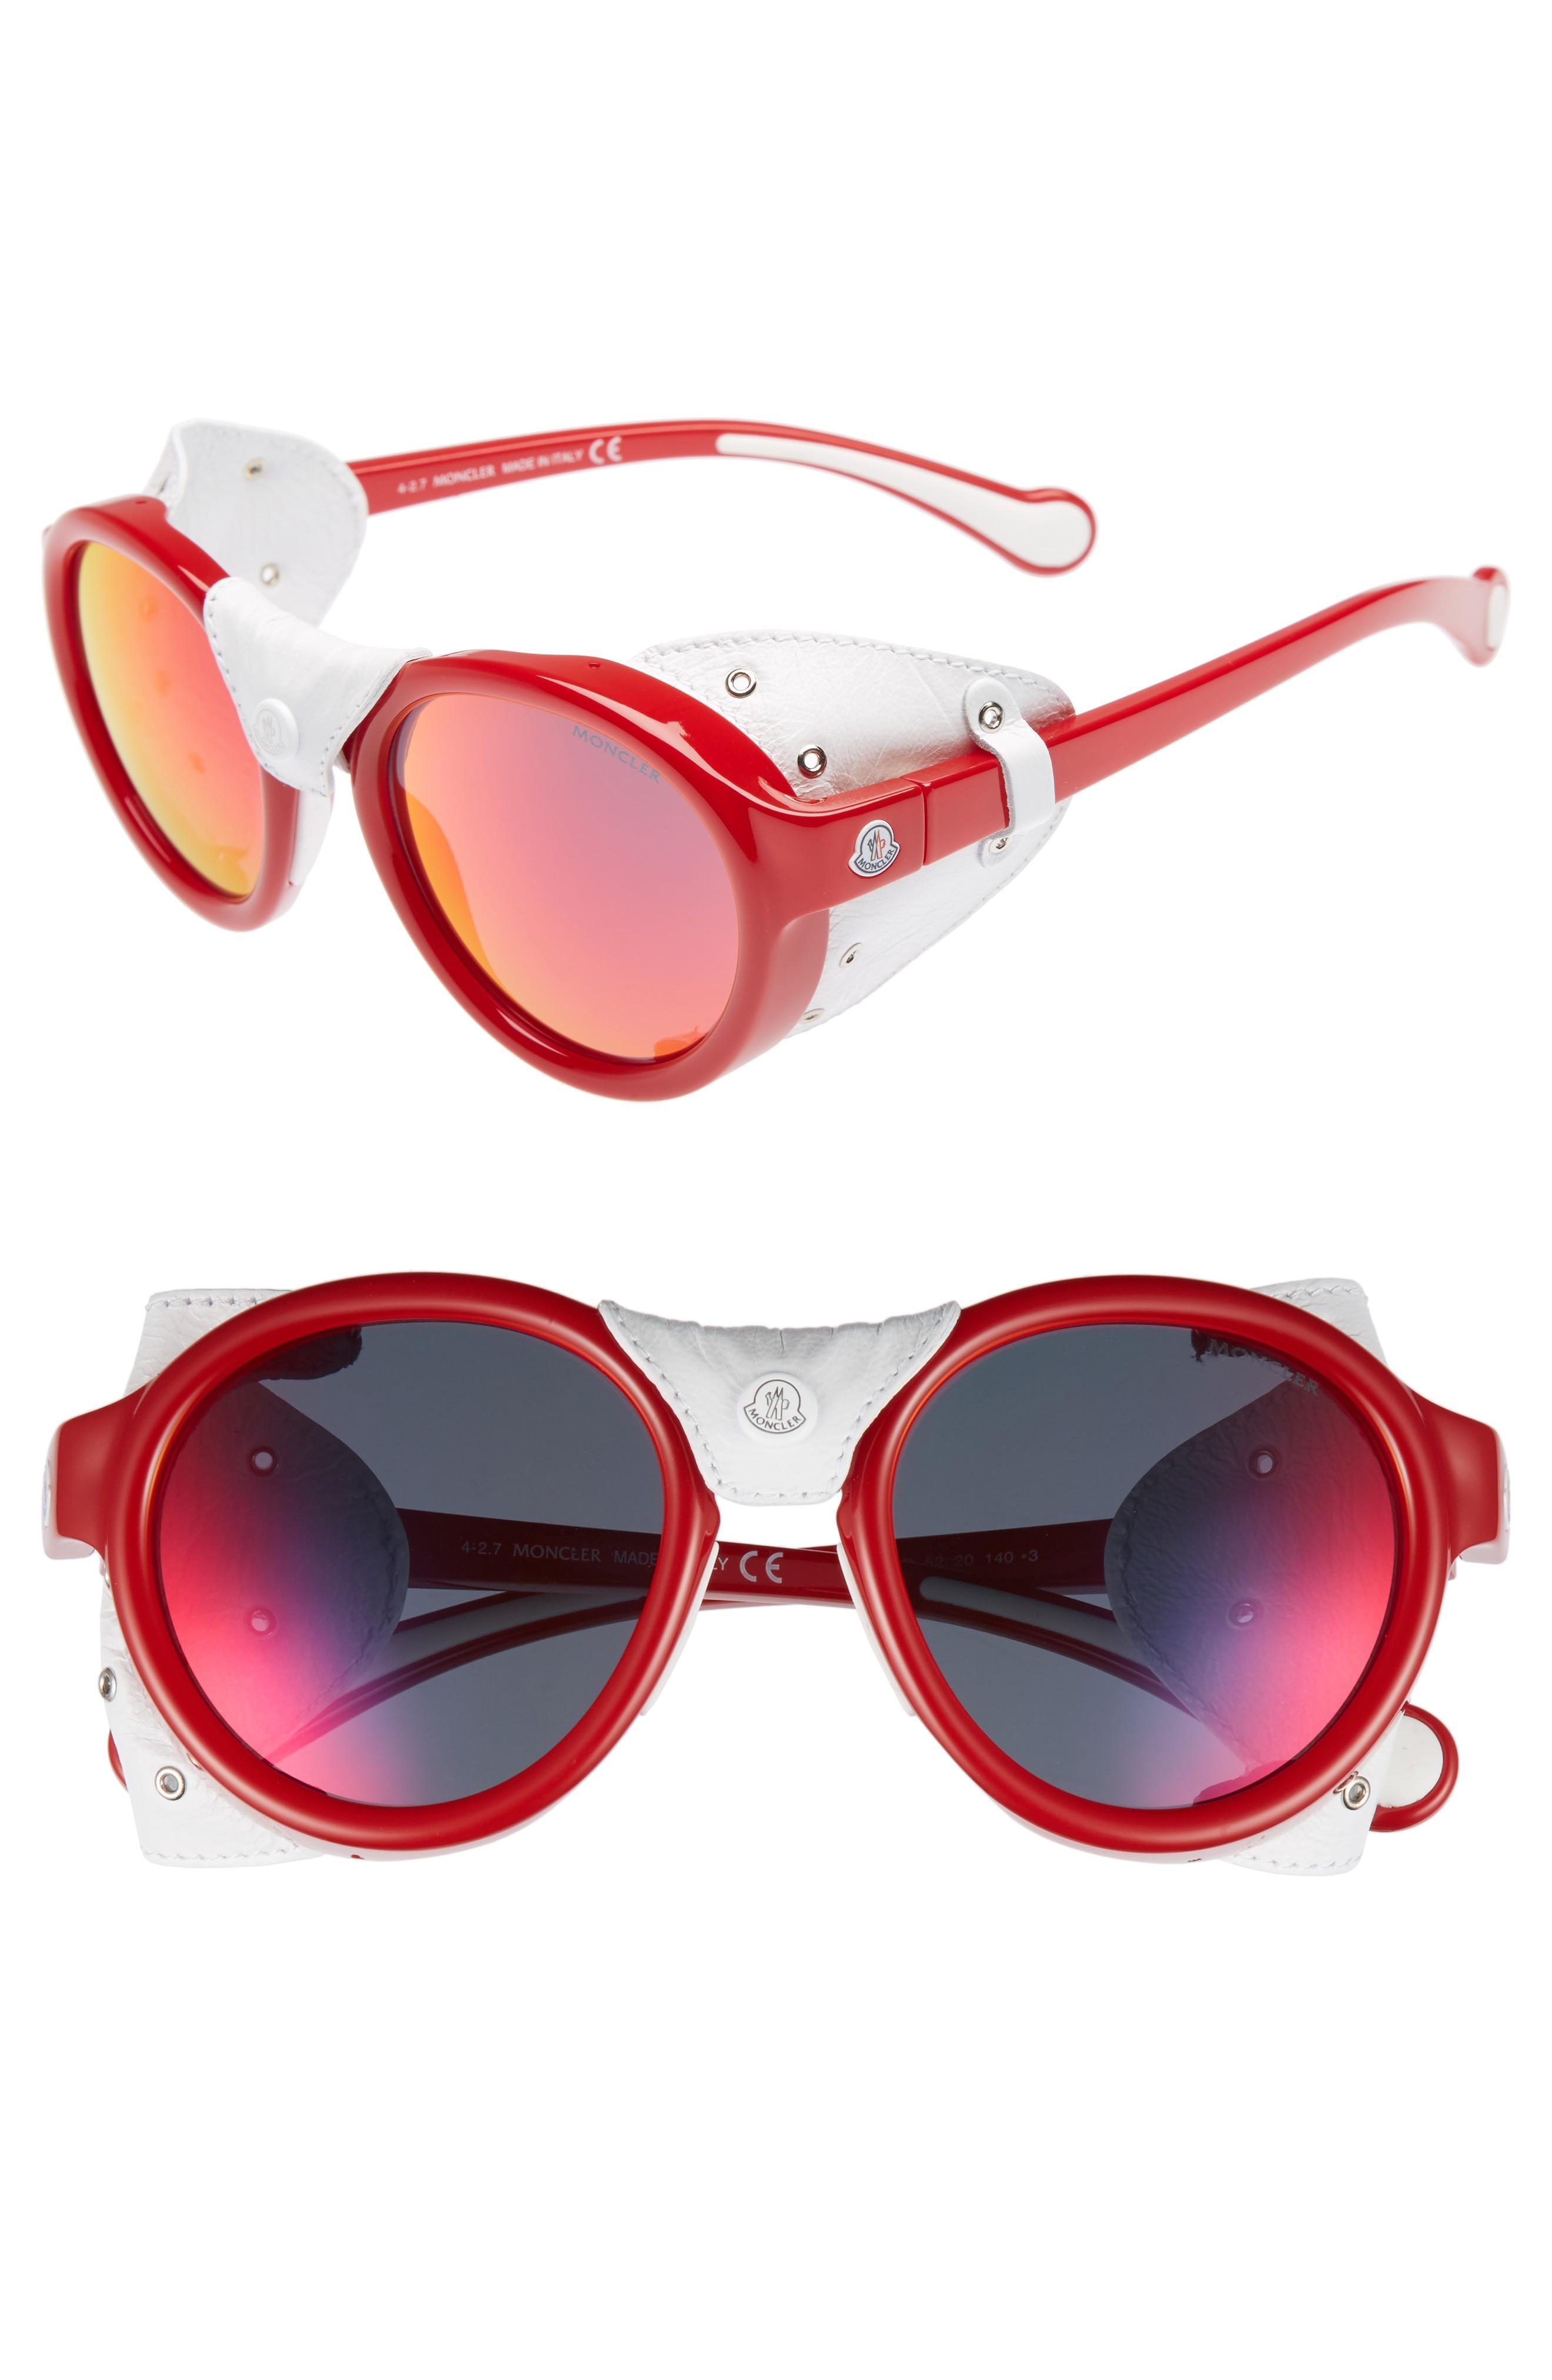 0ec6798ec 52Mm Round Frame Retro Sunglasses - Shiny Red